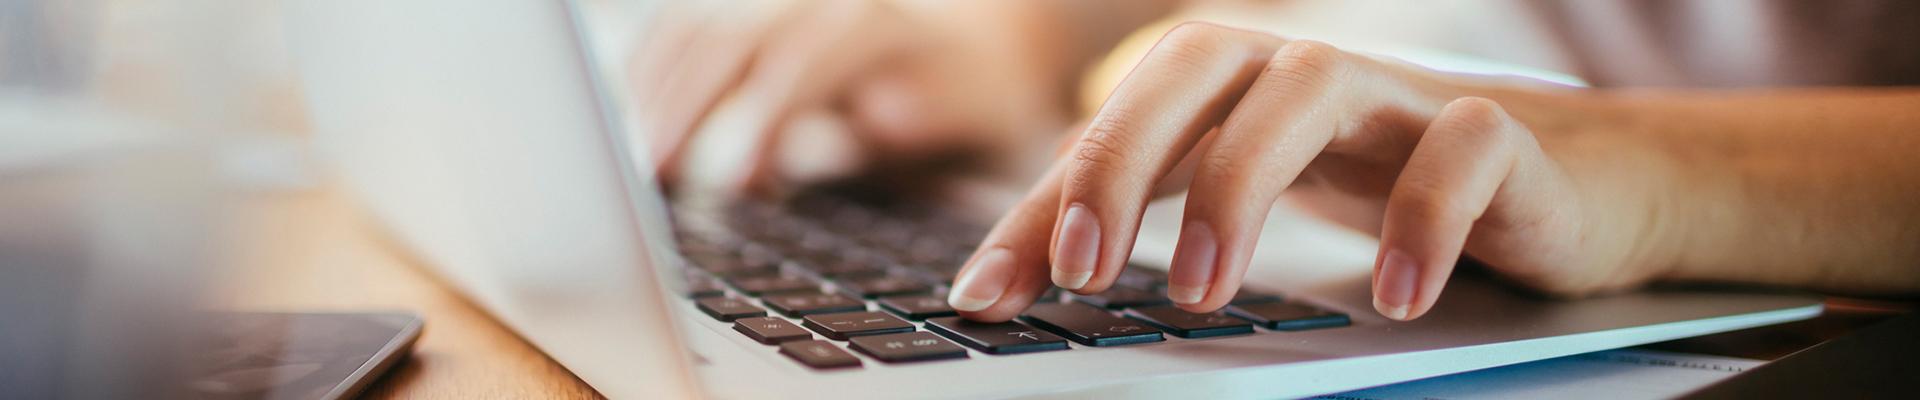 Laptoptastatur mit Frauenhänden